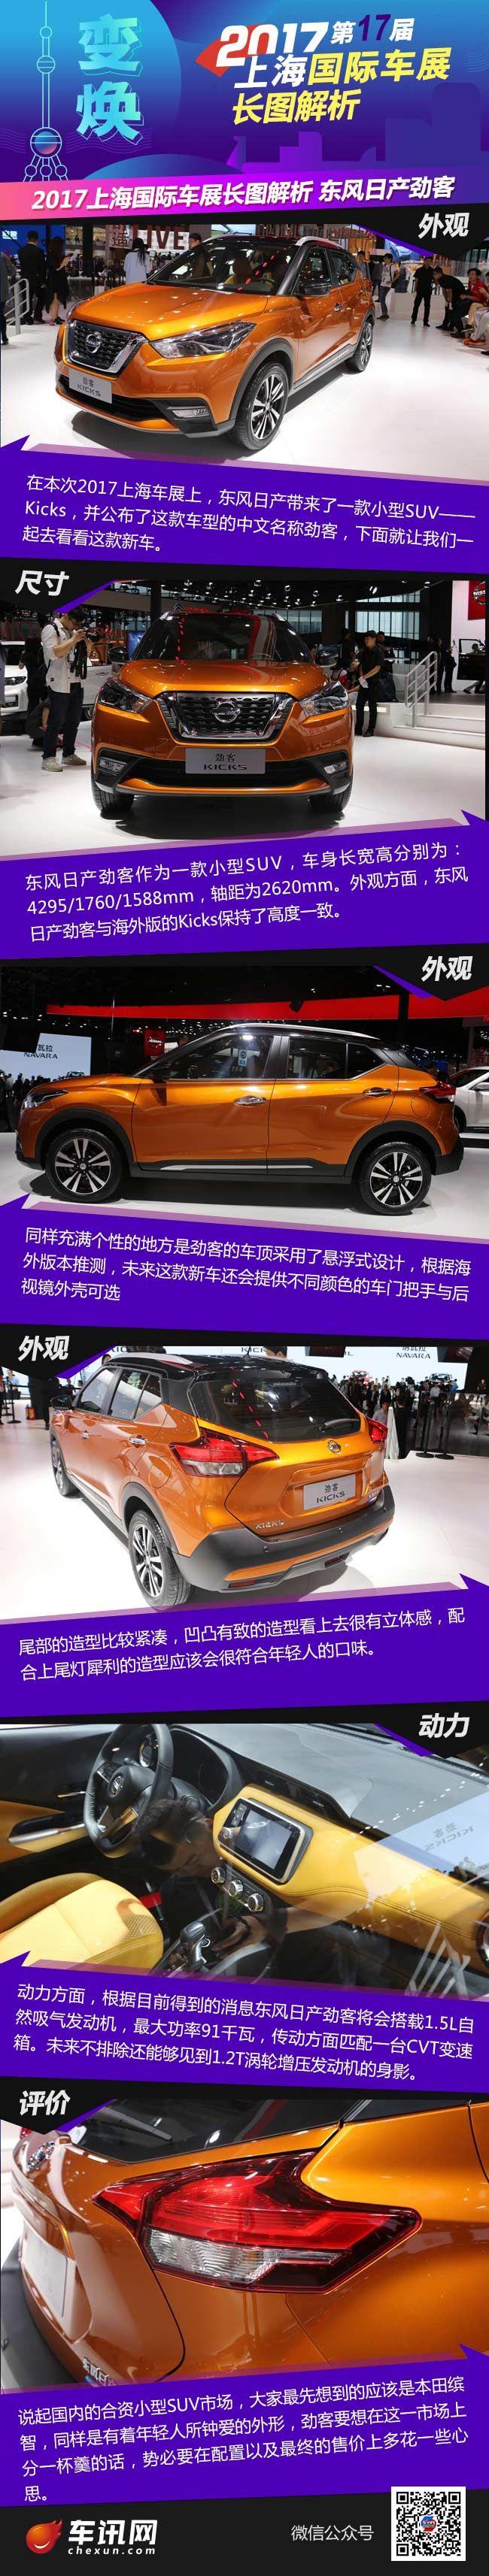 2017上海国际车展长图解析 东风日产劲客